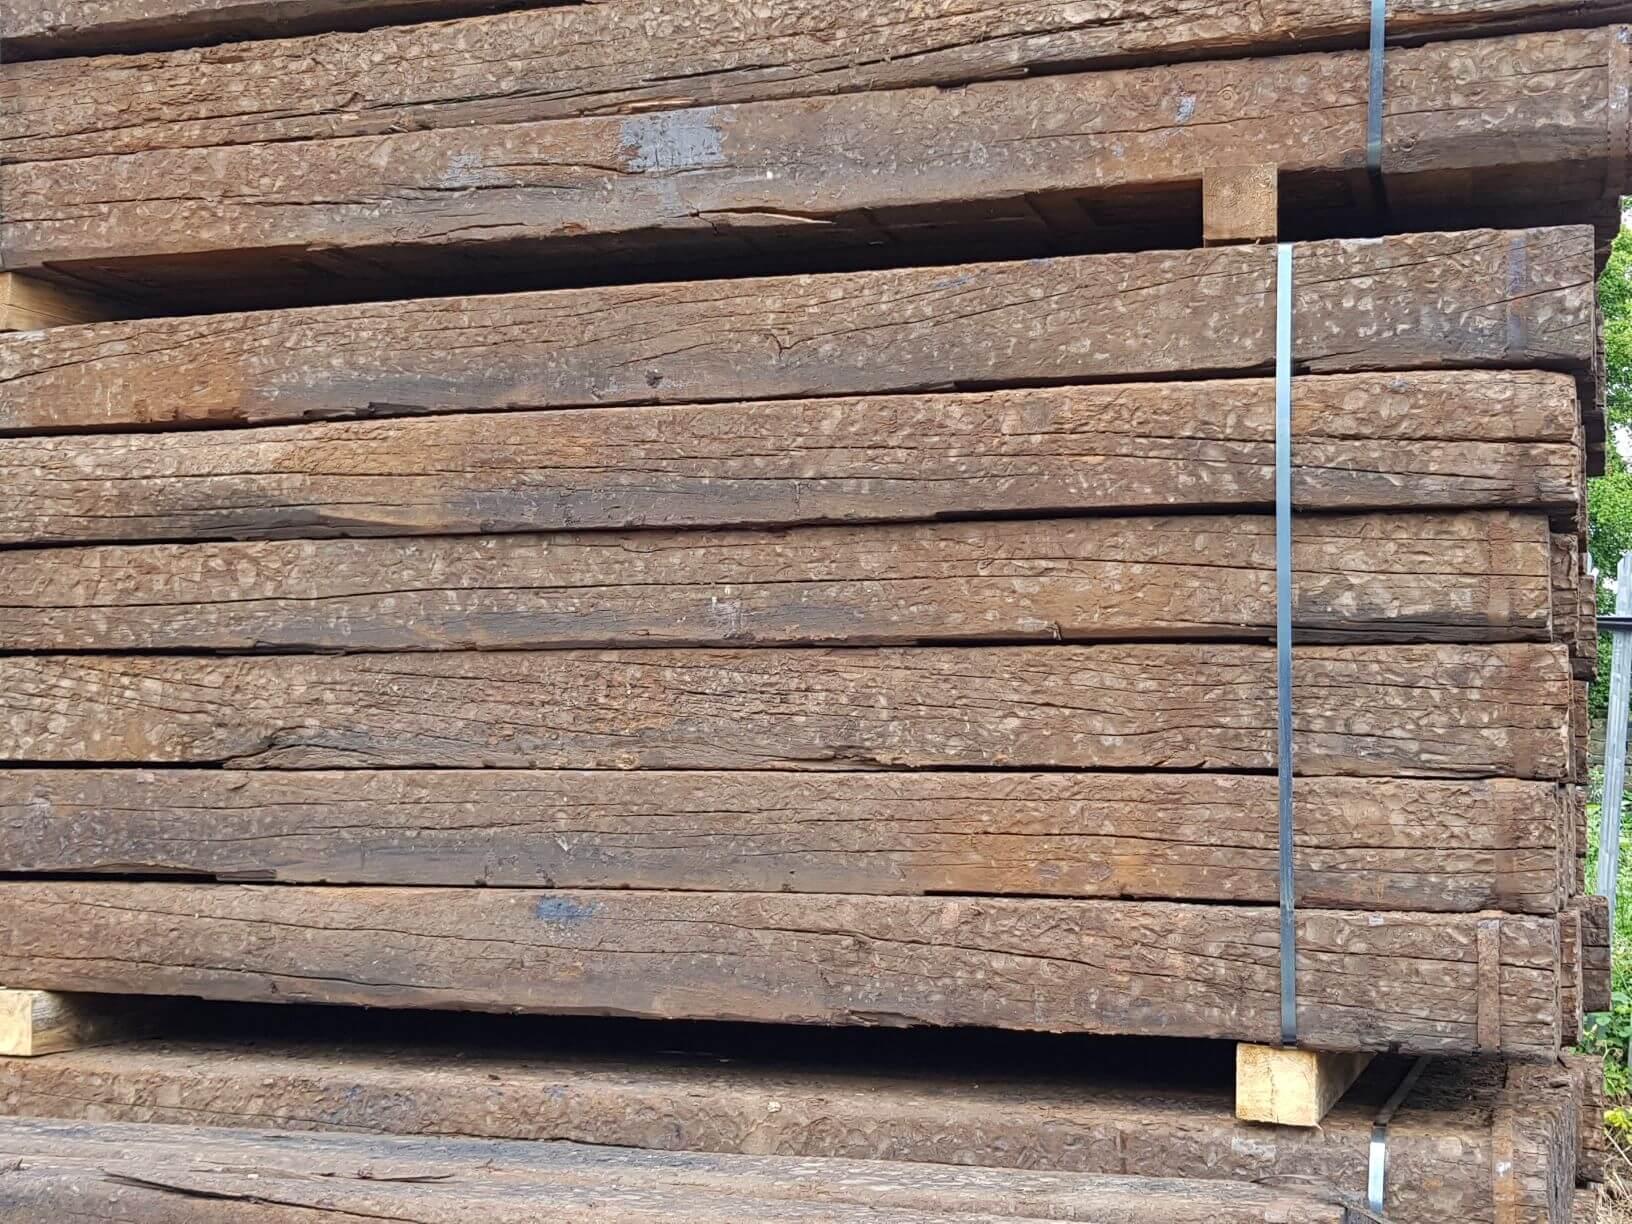 Grade A hardwood beech2